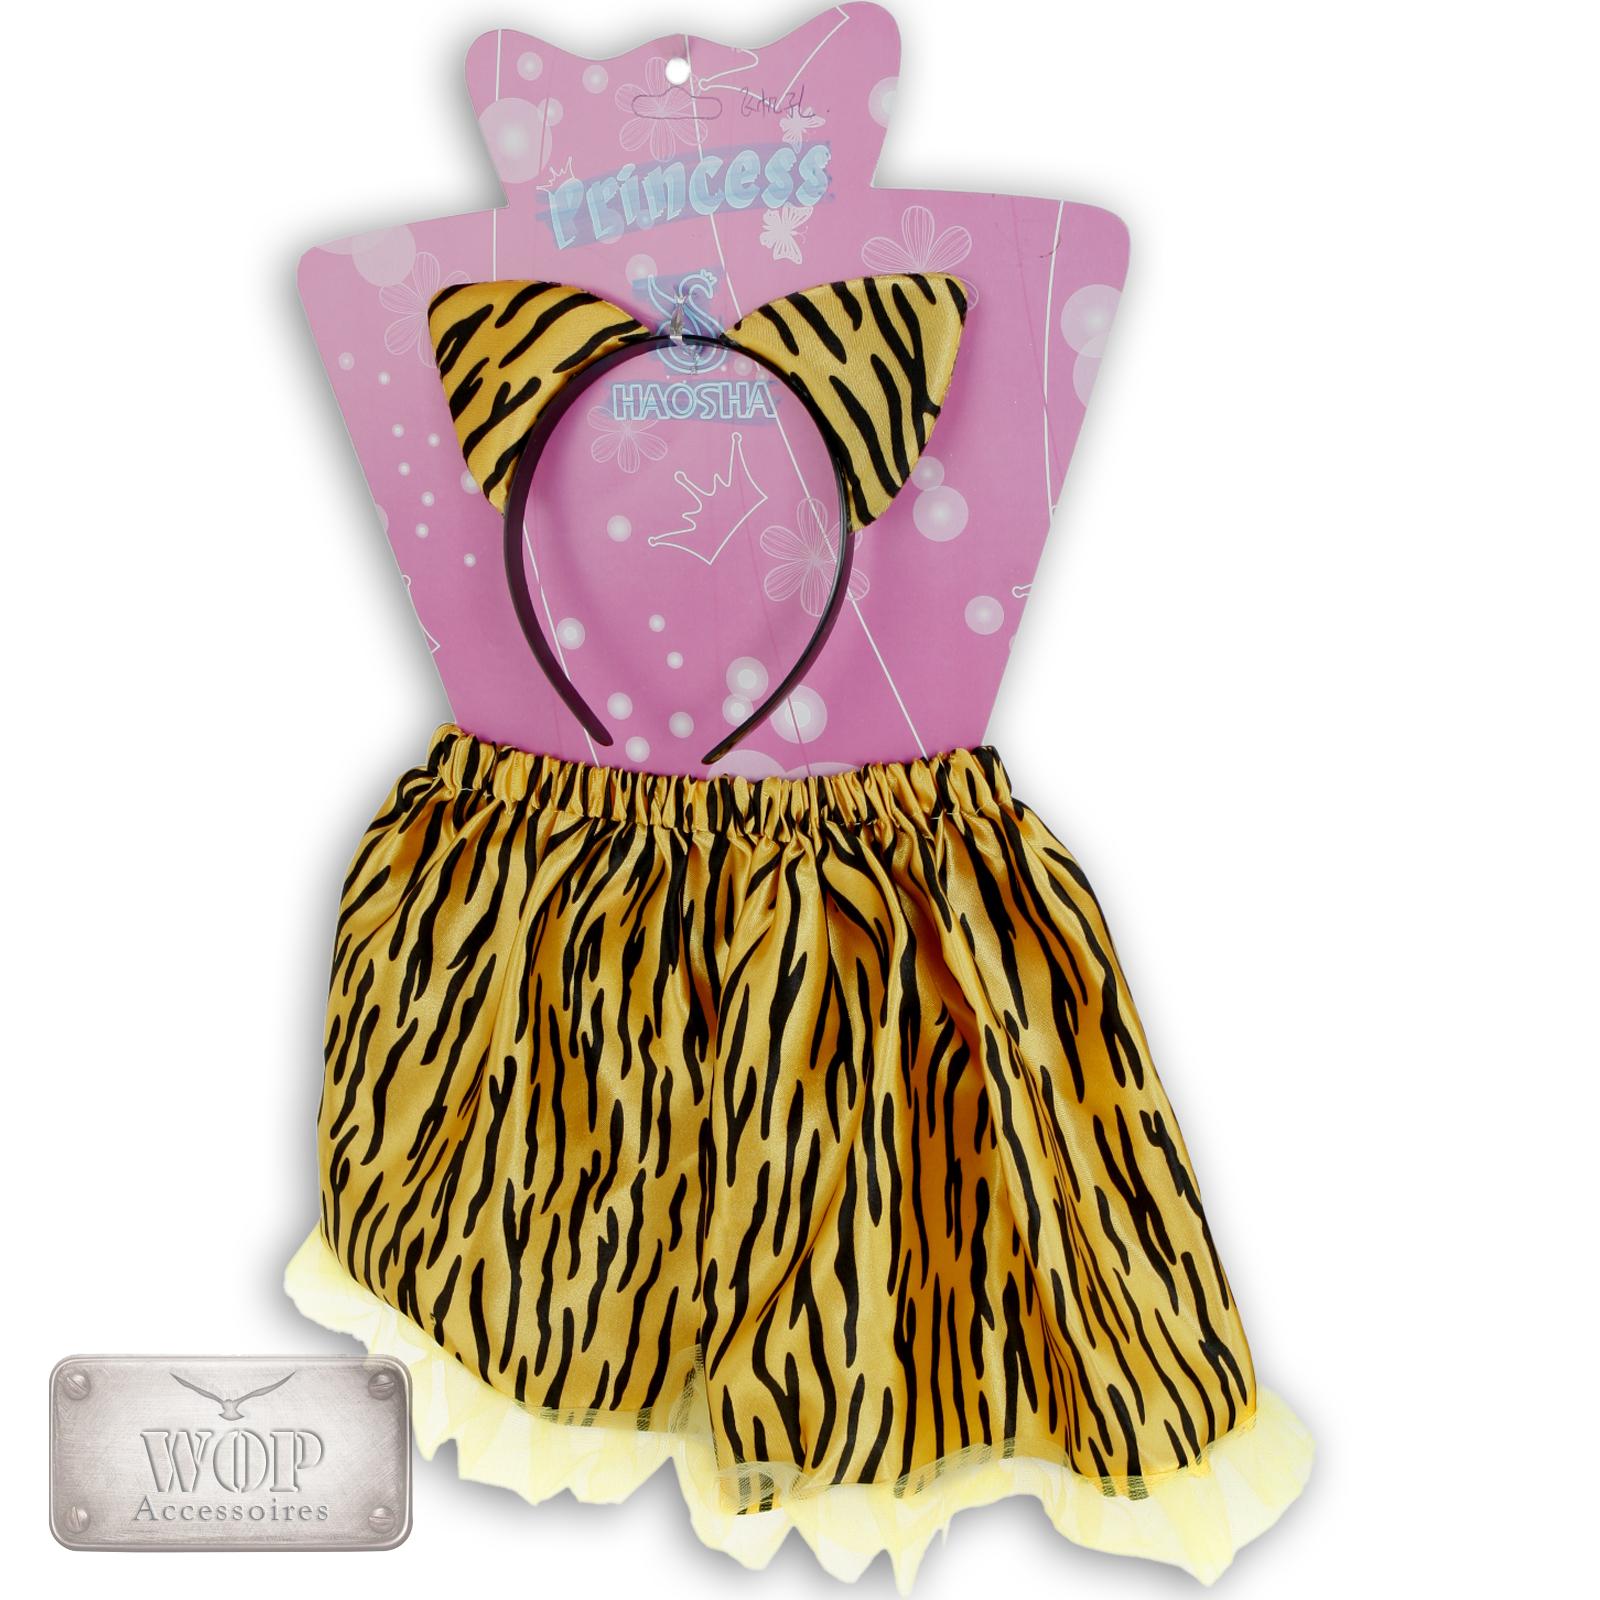 2teiliges-Kinder-Faschingskostuem-Rock-amp-Haarreif-Onesize-Tiger-Kuh-Dalmatiner